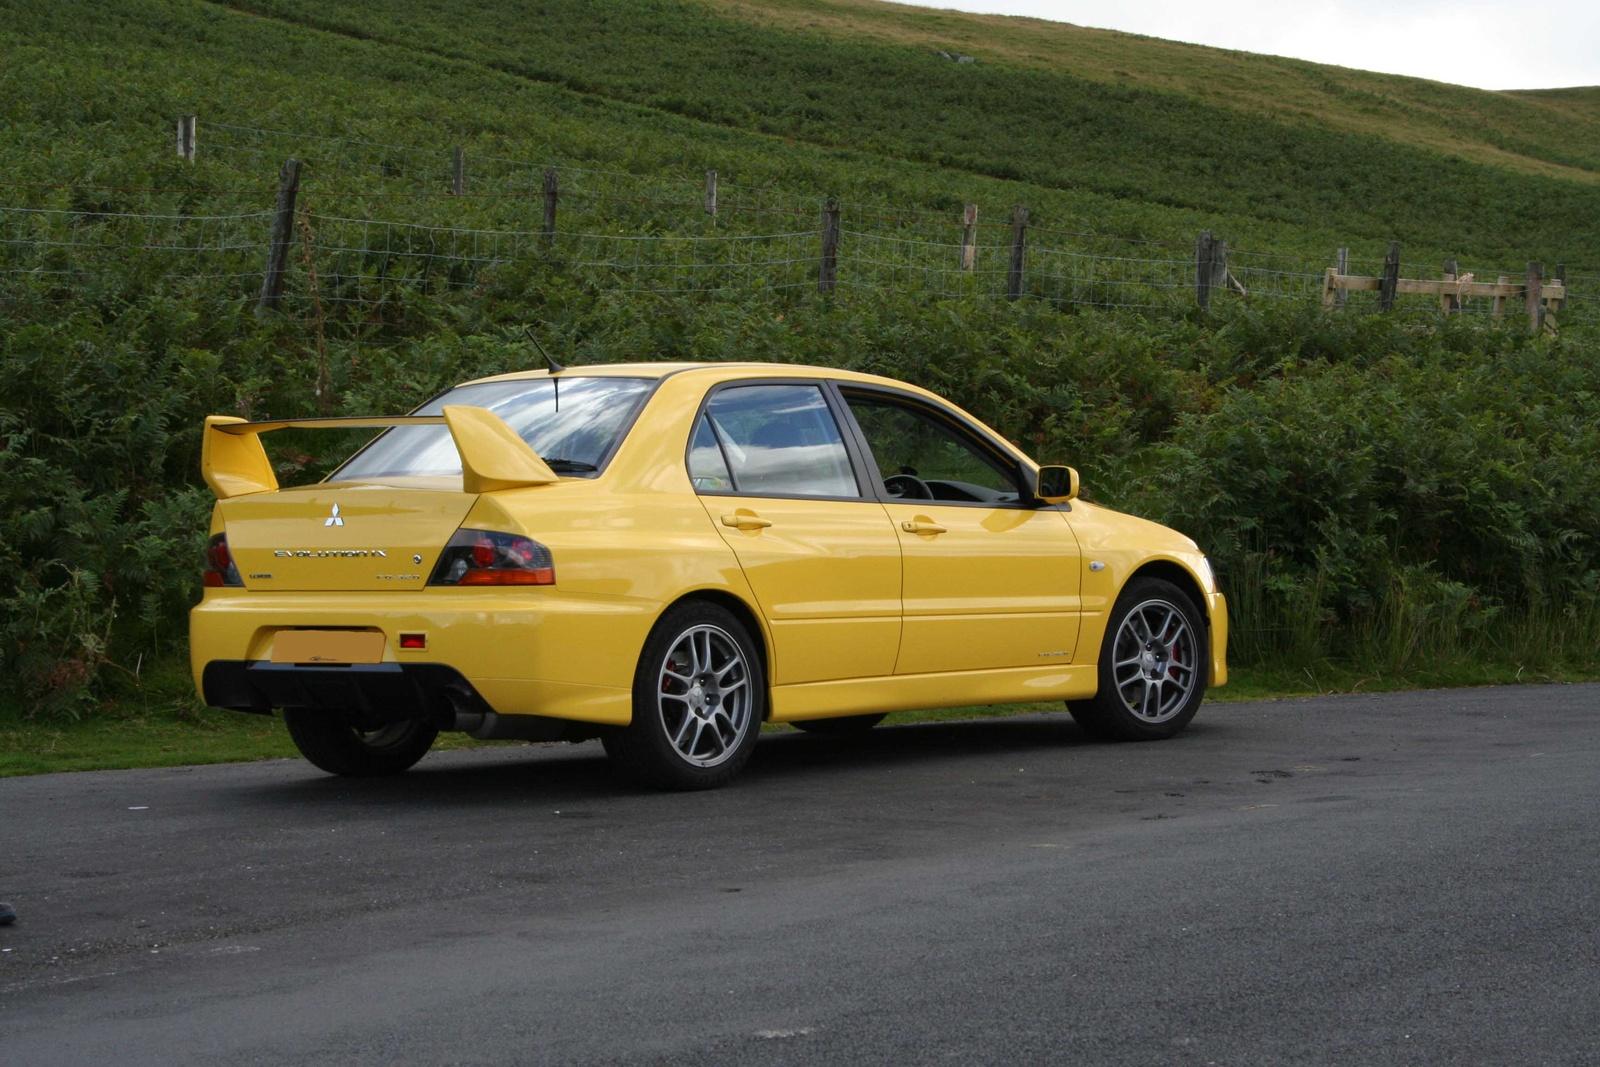 2005 Mitsubishi Lancer Evolution Pictures Cargurus